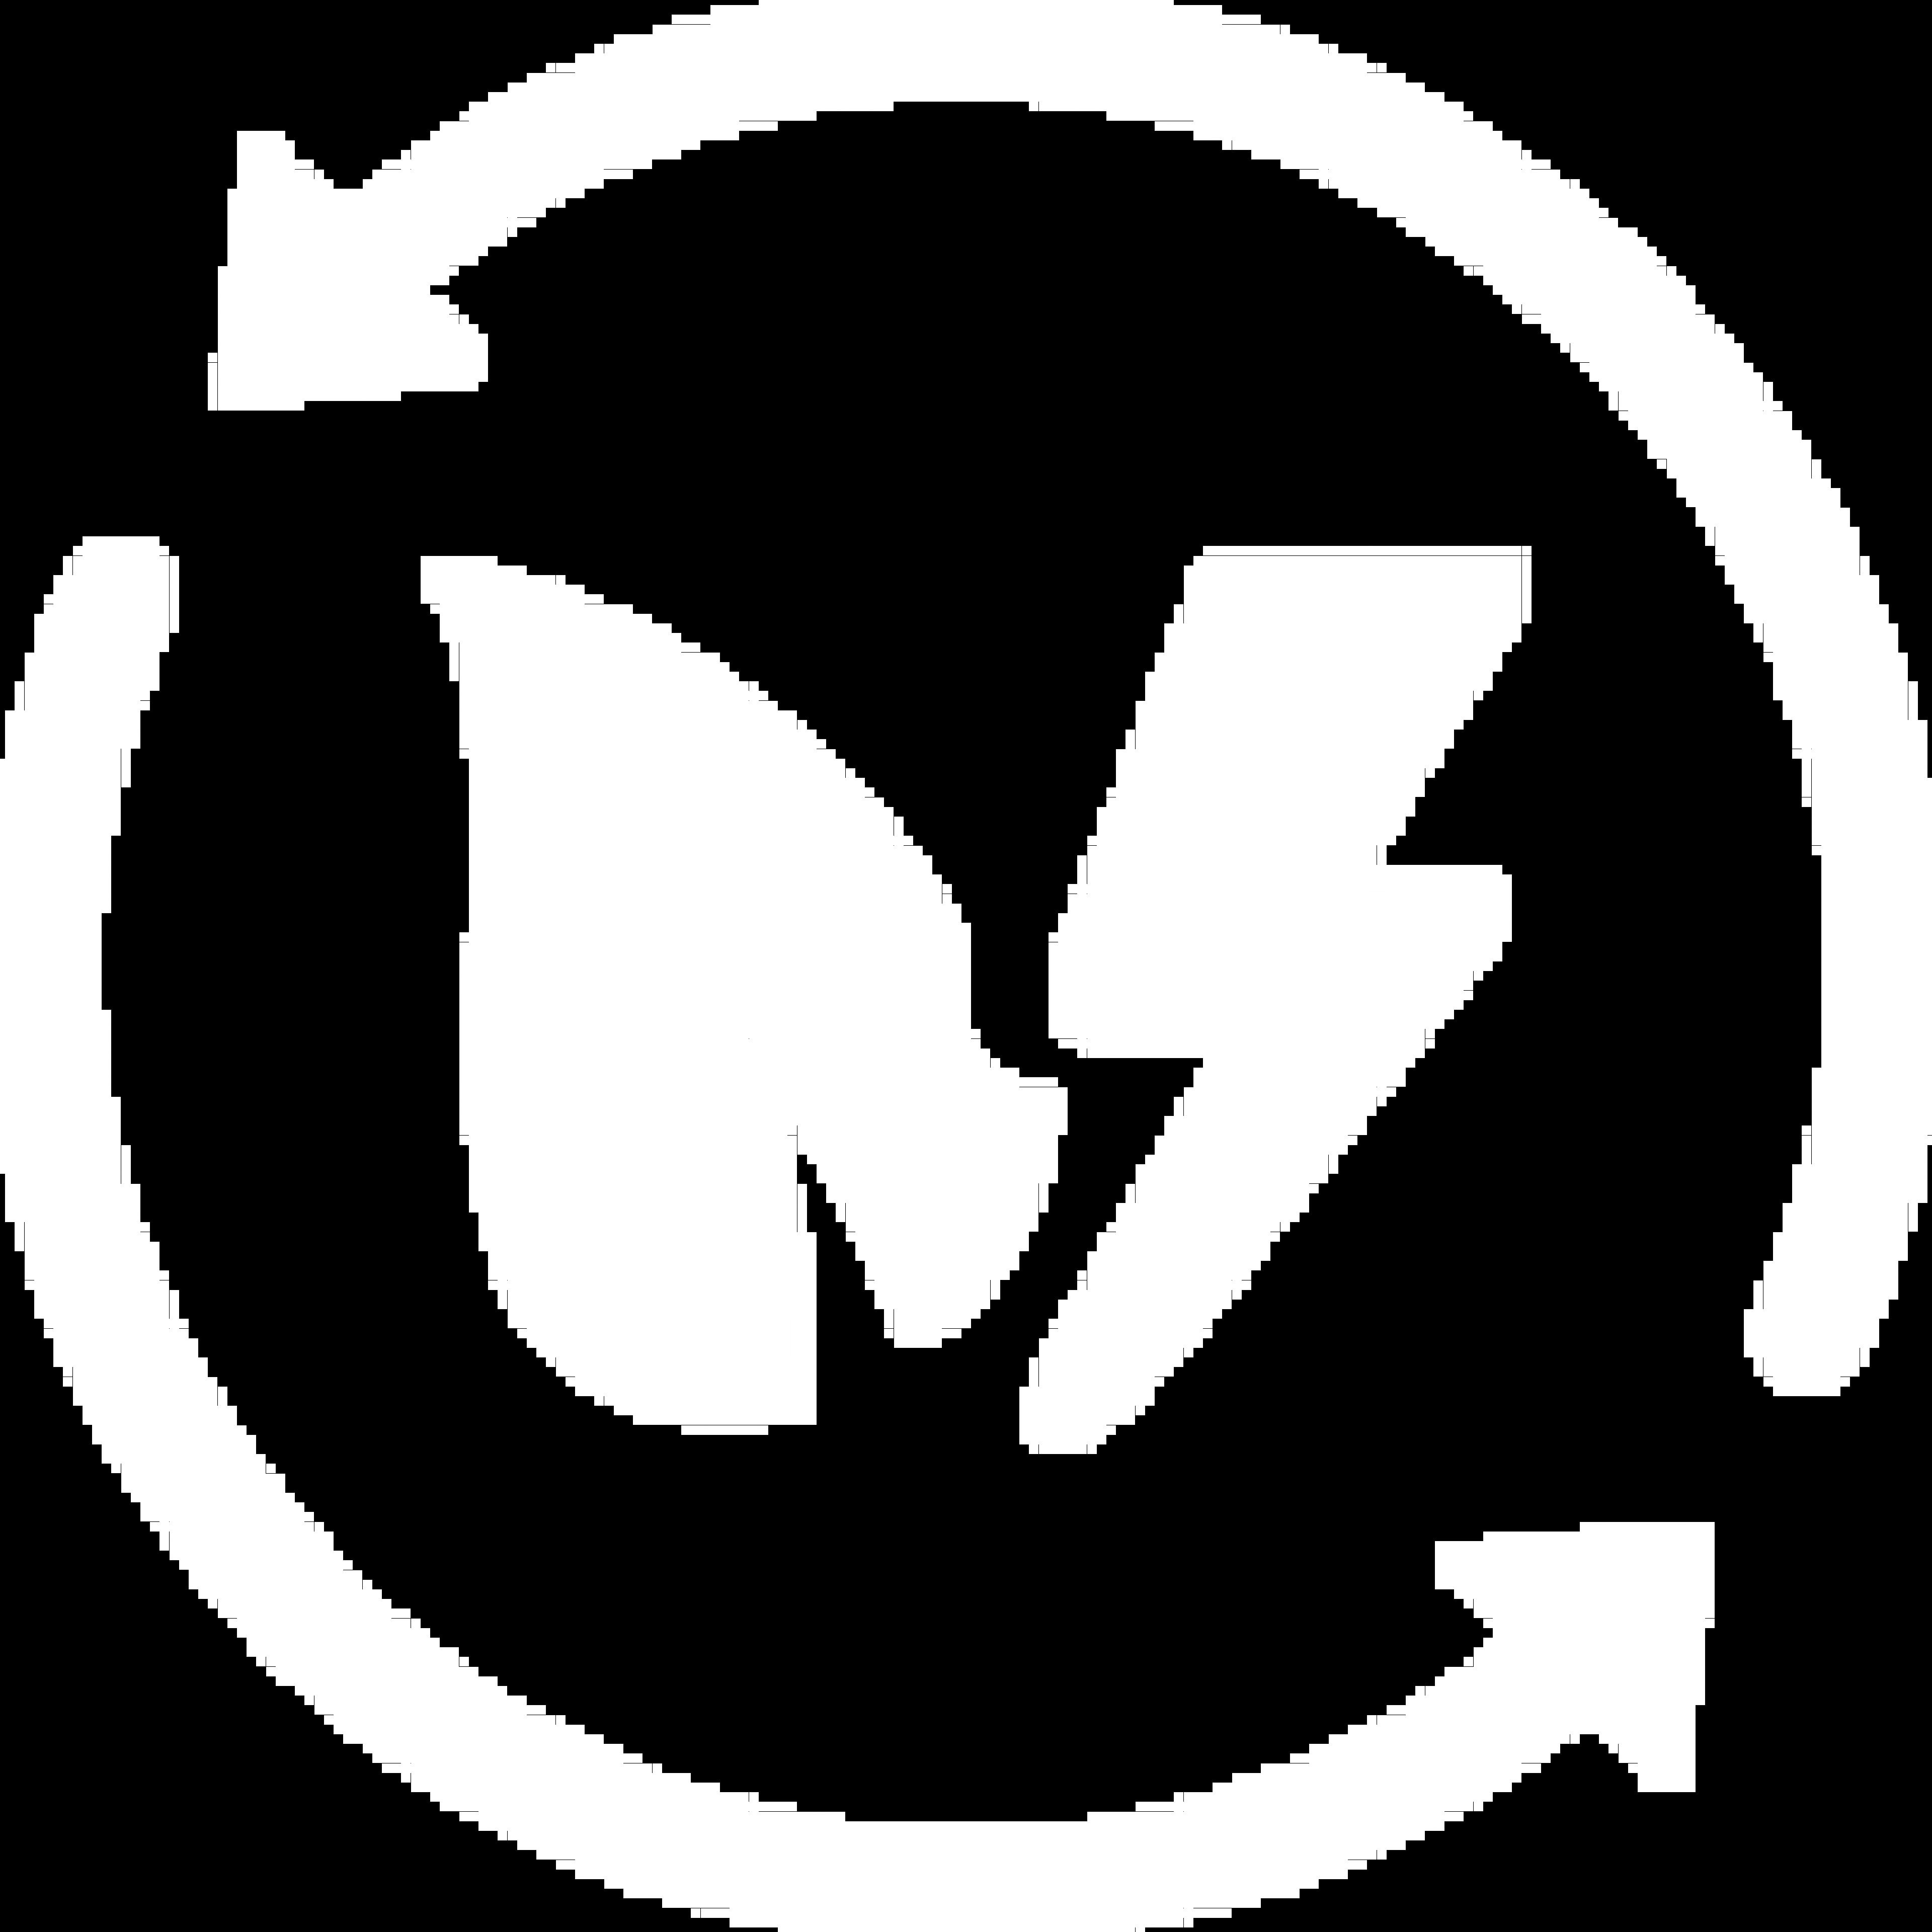 Icône blanche de feuille et cercle